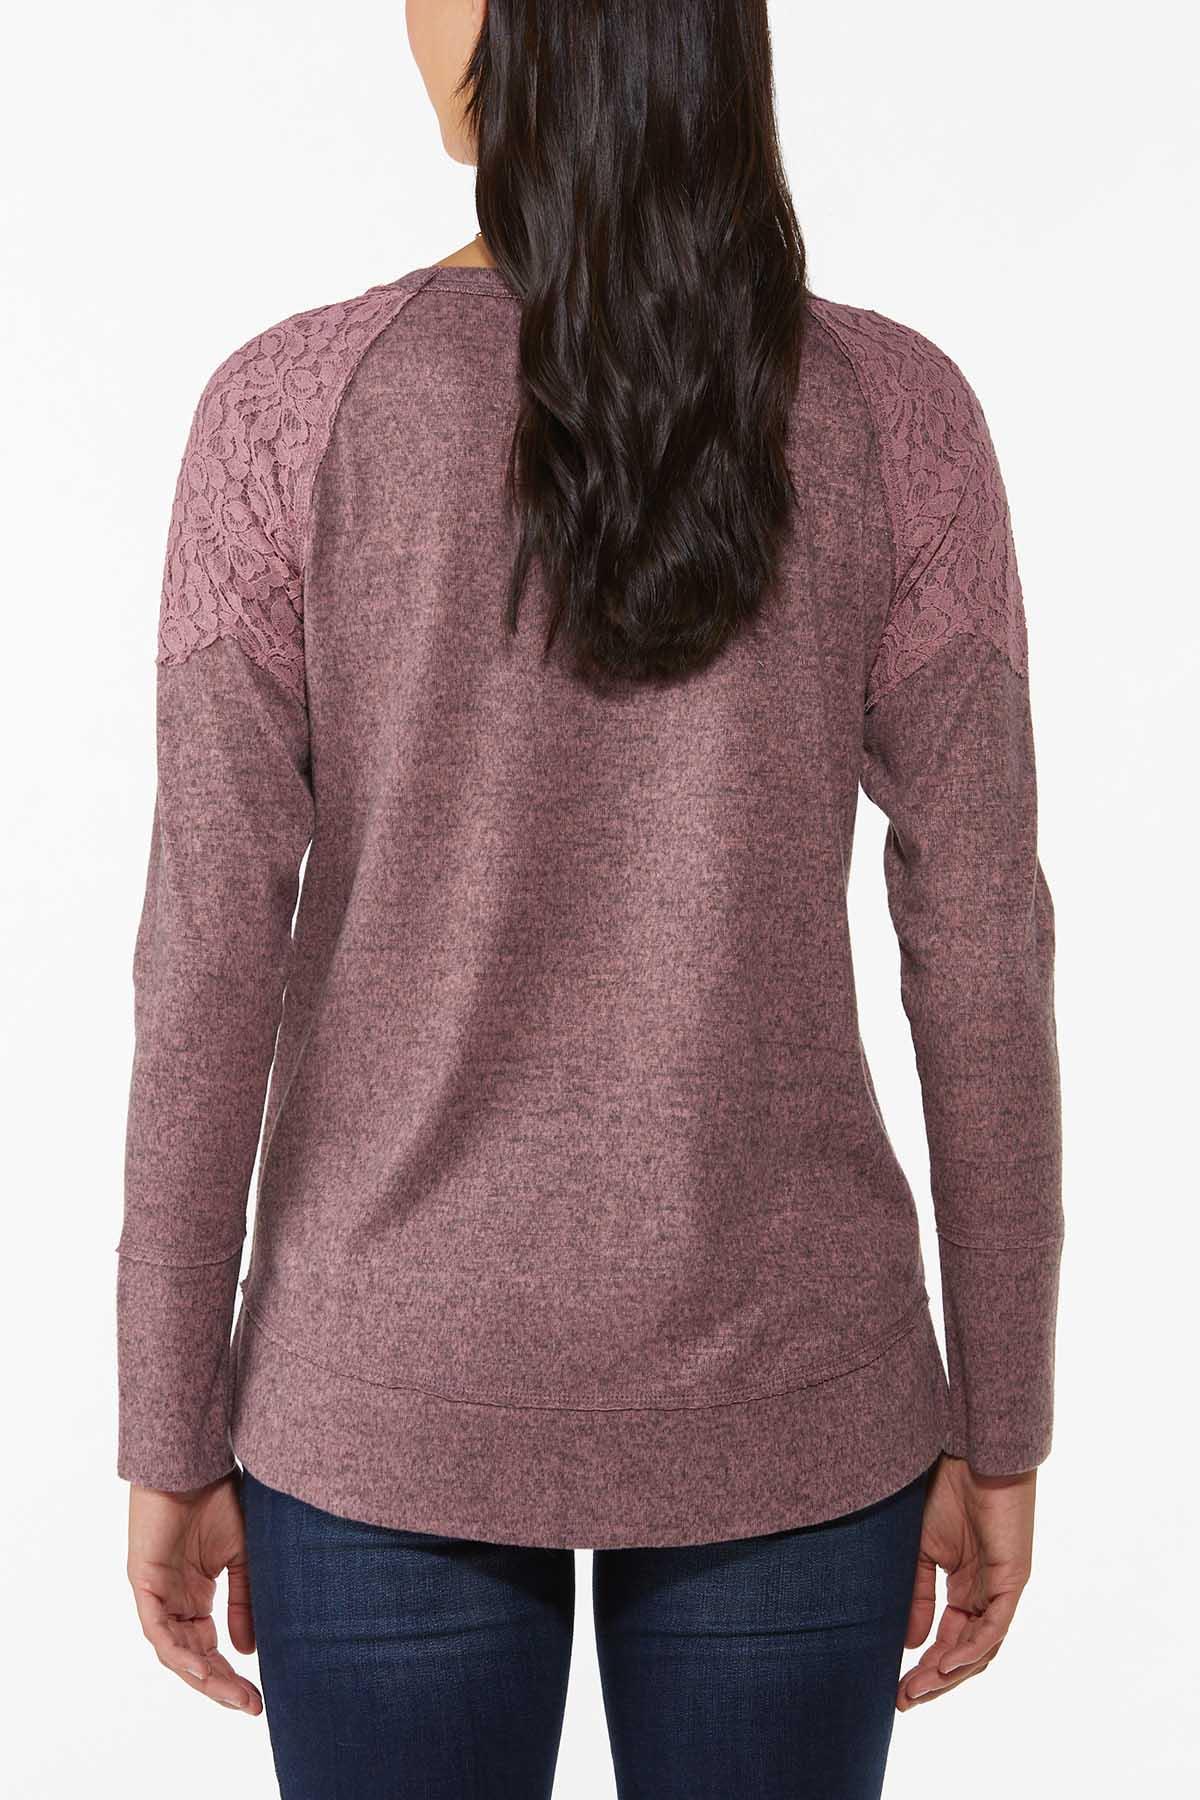 Lace Shoulder Hacci Top (Item #44787822)